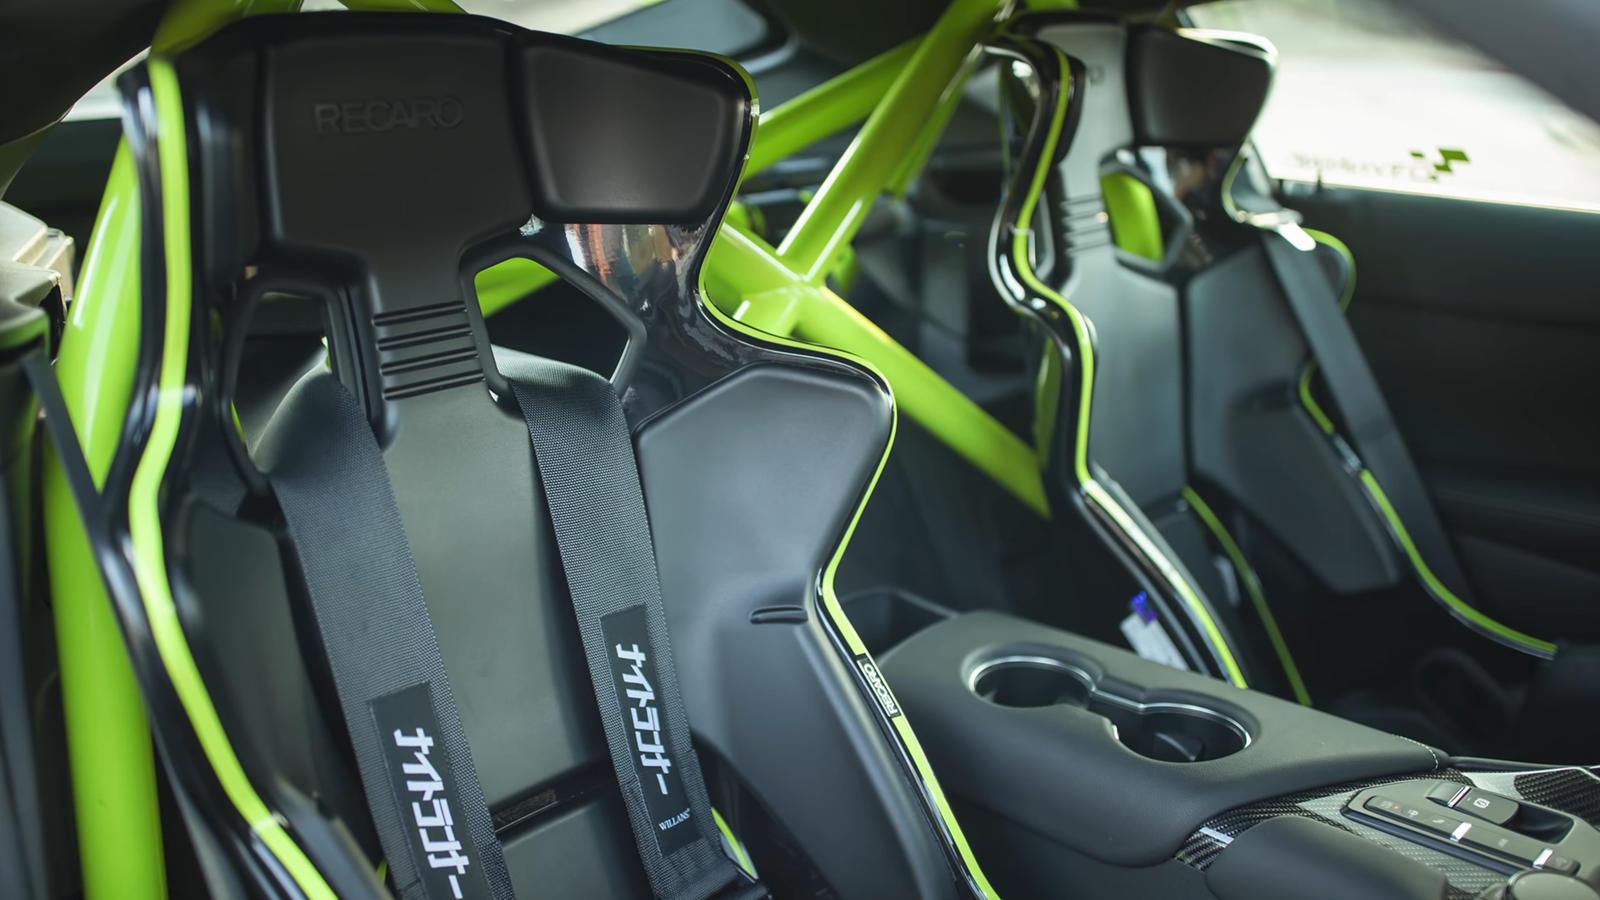 Под капотом кастомная Supra оснащена модернизированным турбонагнетателем, и в сочетании с титановой выхлопной системой с превосходным звуком. Это может быть самый лучший уличный автомобиль Toyota A90 Supra на сегодняшний день. К сожалению, Сонг не го